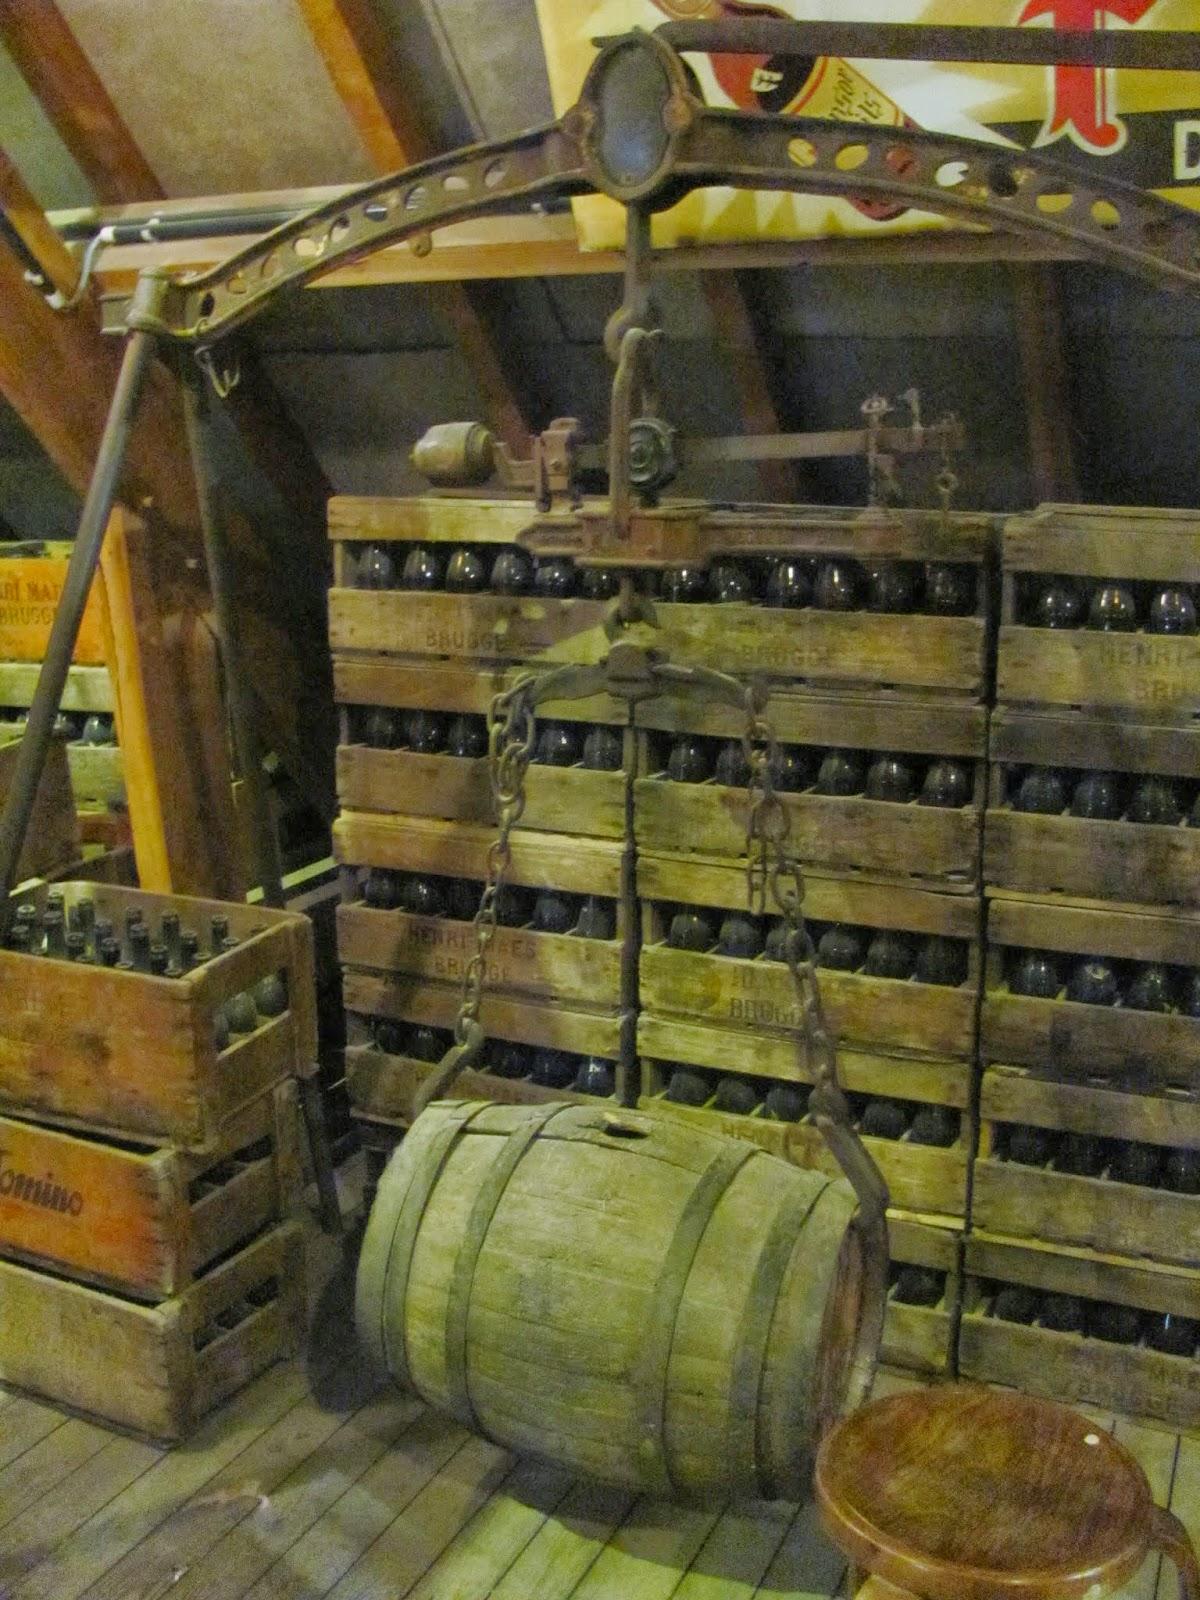 Keg Lifter Halve Maan Brewery Bruges, Belgium